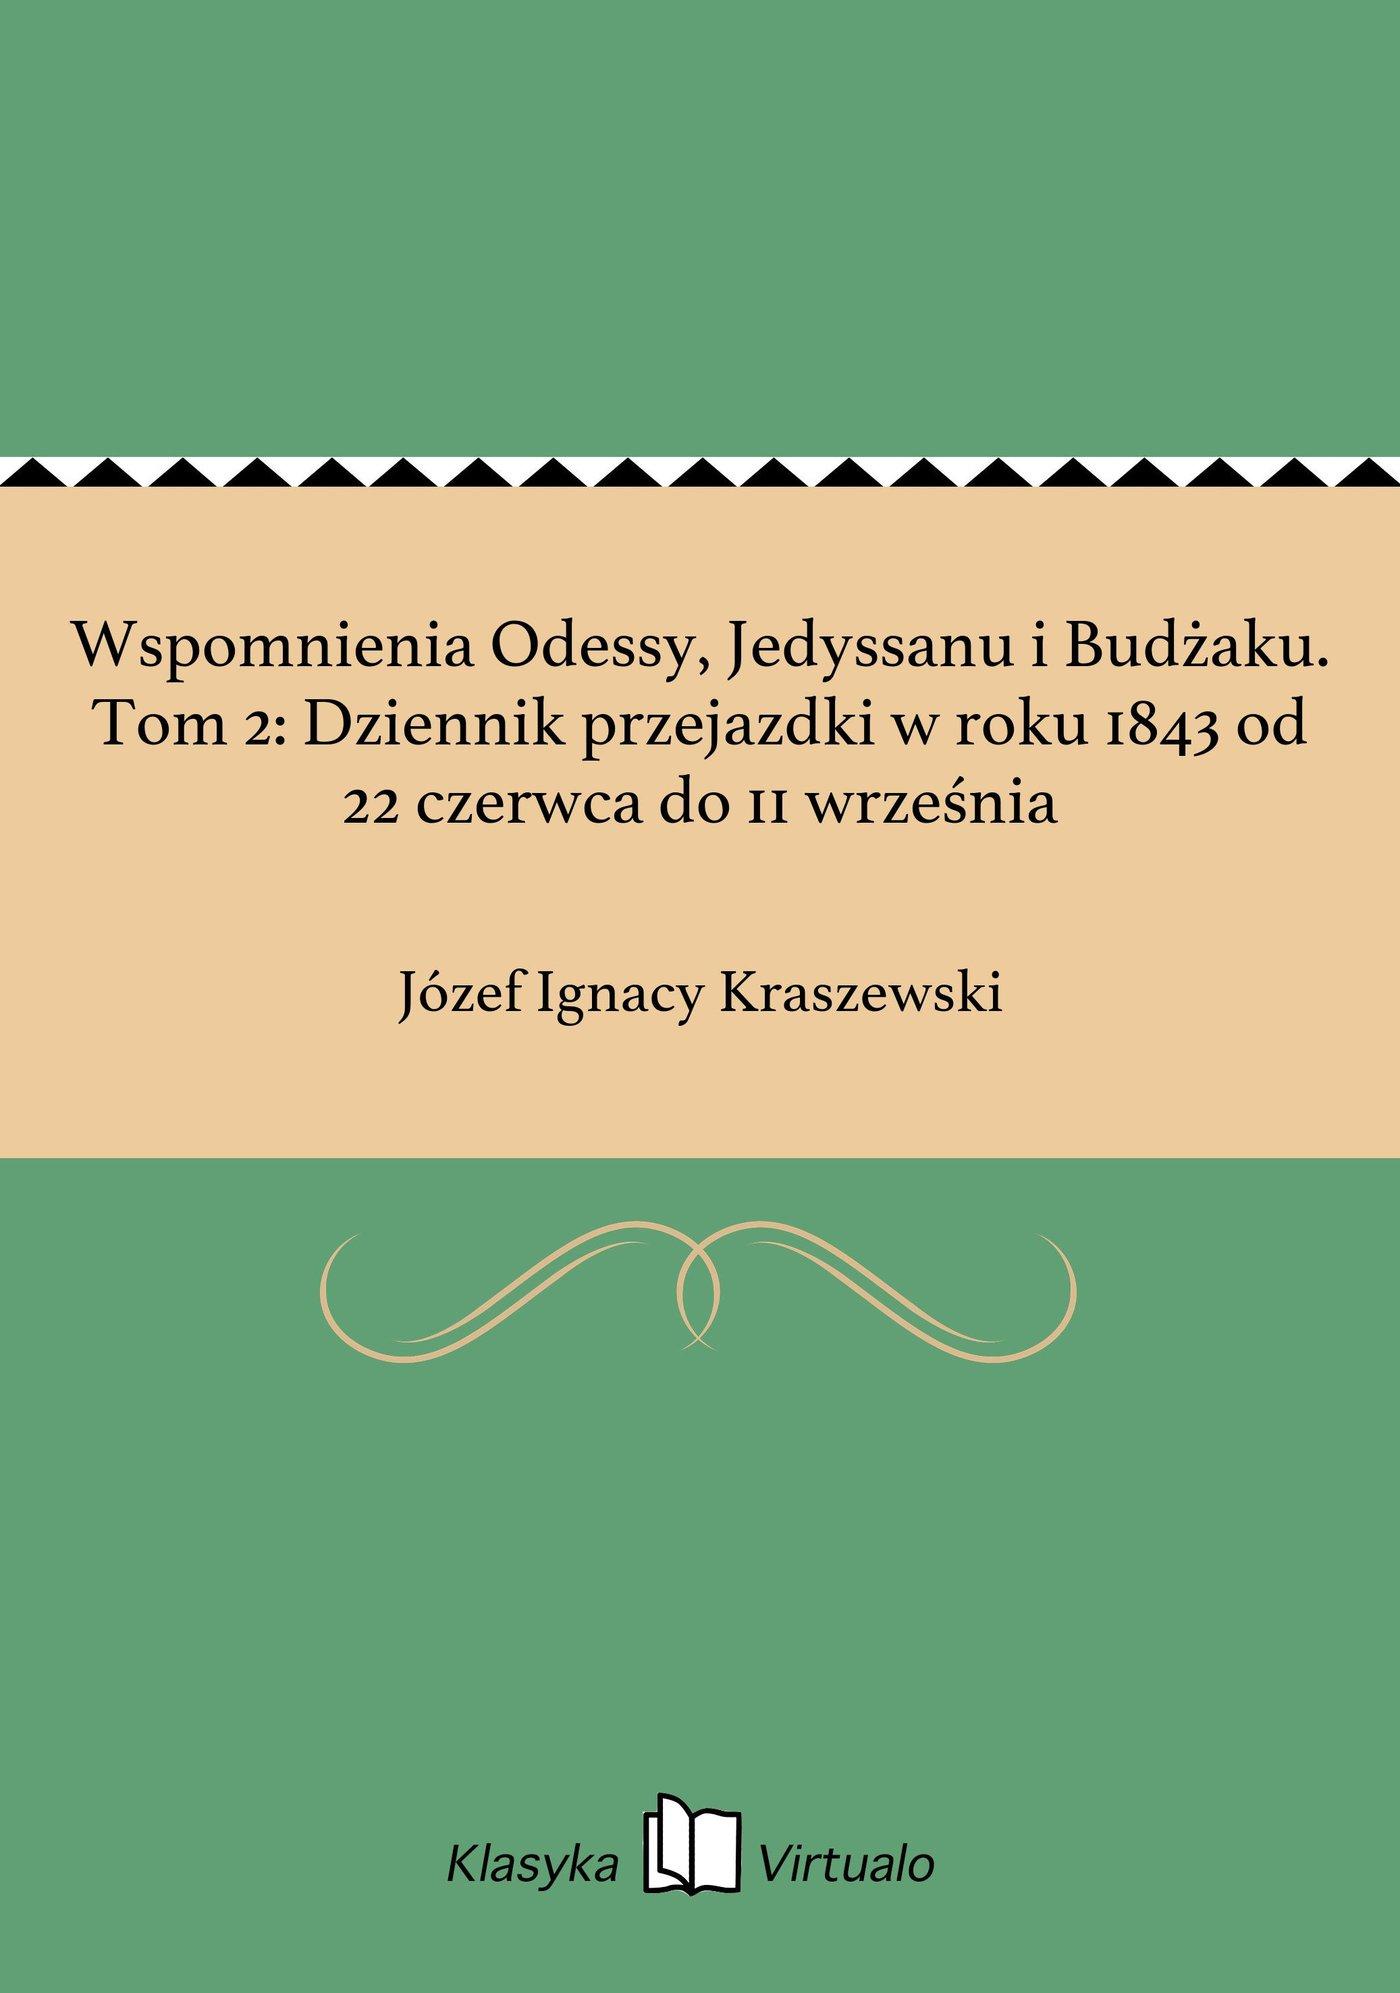 Wspomnienia Odessy, Jedyssanu i Budżaku. Tom 2: Dziennik przejazdki w roku 1843 od 22 czerwca do 11 września - Ebook (Książka EPUB) do pobrania w formacie EPUB